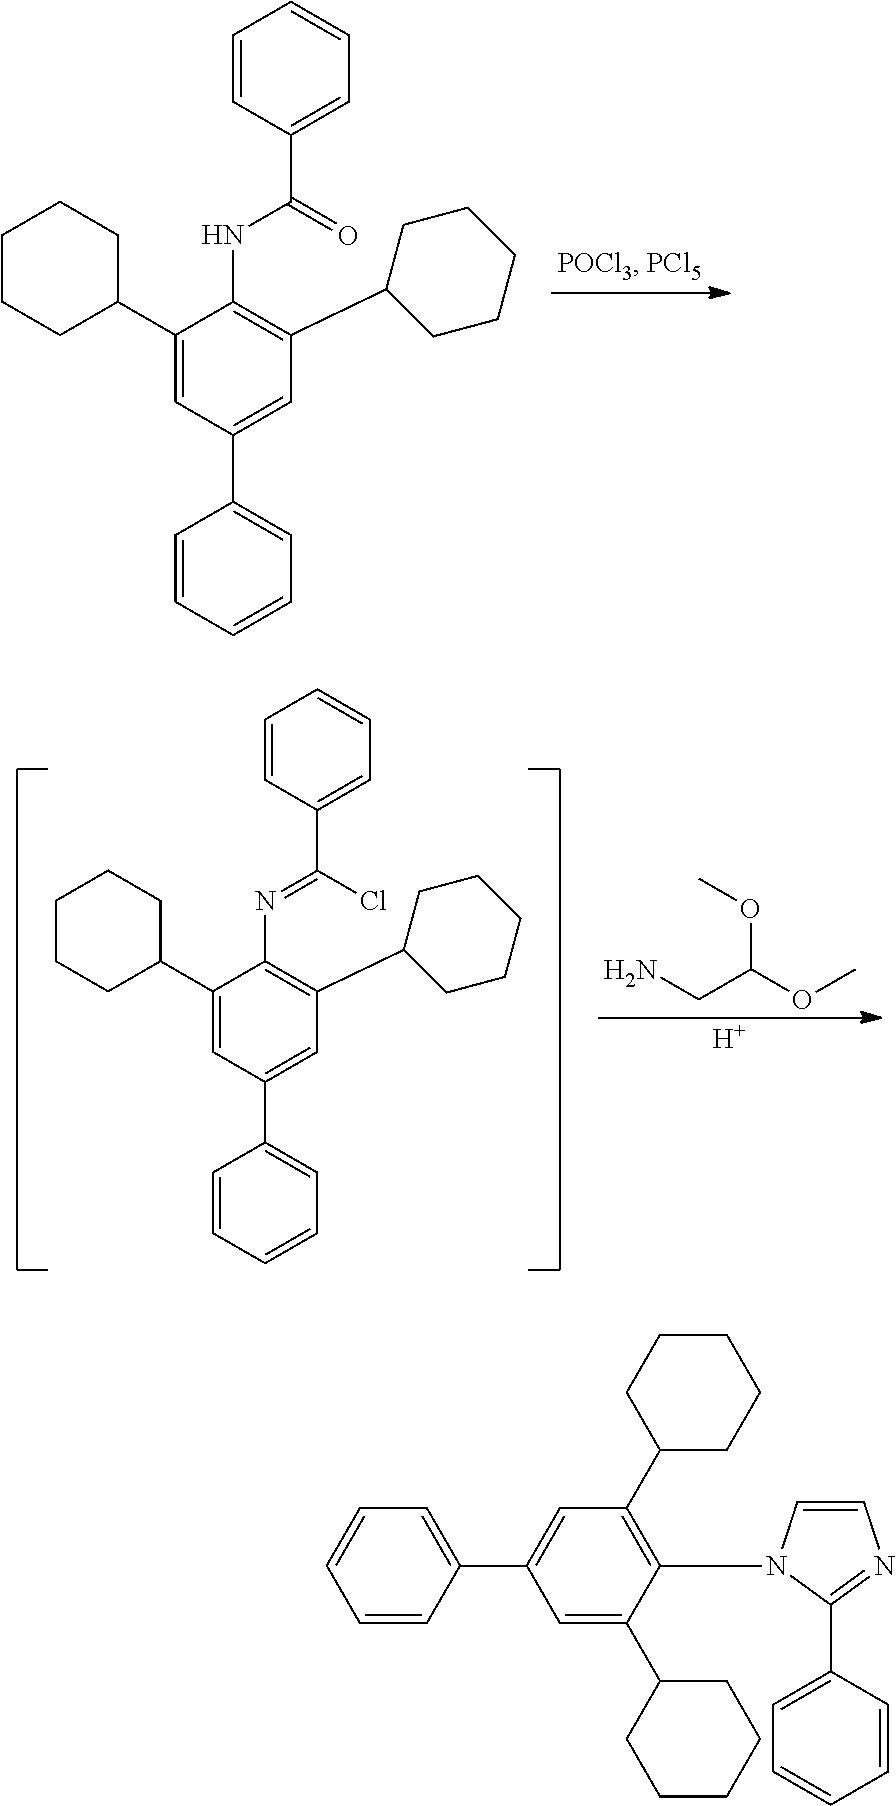 Figure US09735377-20170815-C00162